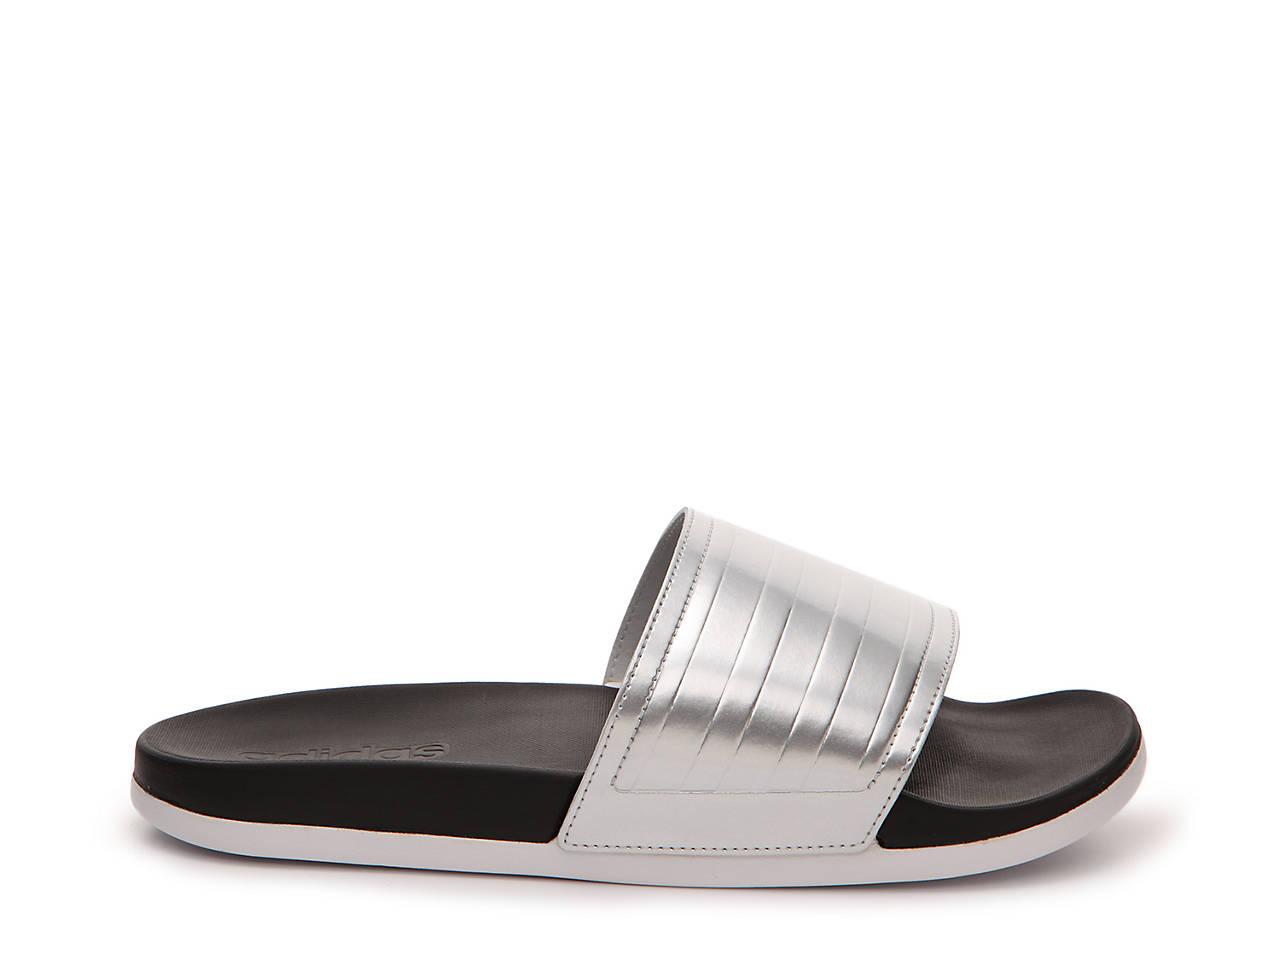 6c4fb855d157 adidas adiLette Supercloud Plus Metallic Slide Sandal Women s Shoes ...